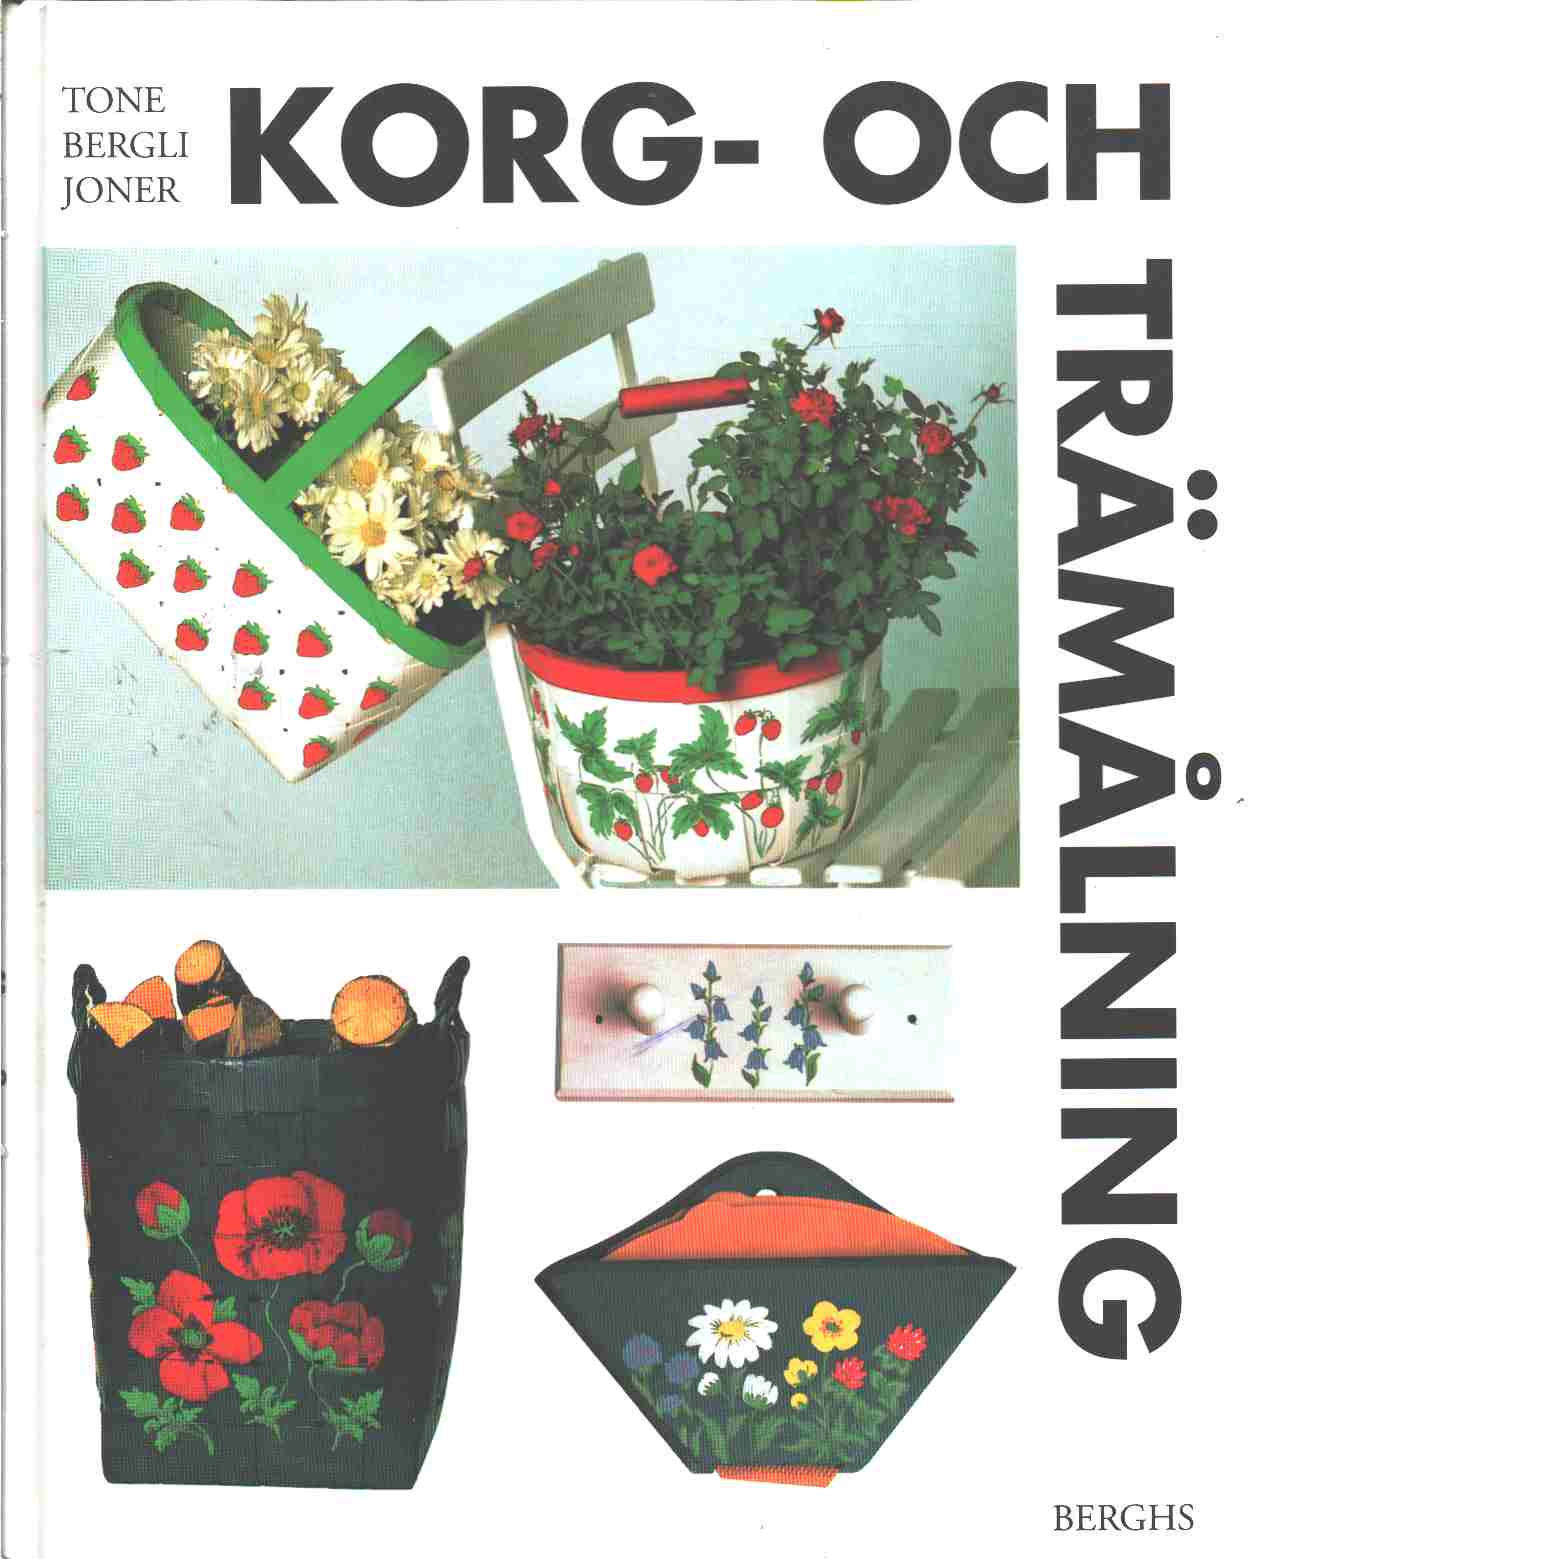 Korg- och trämålning - Bergli Joner, Tone